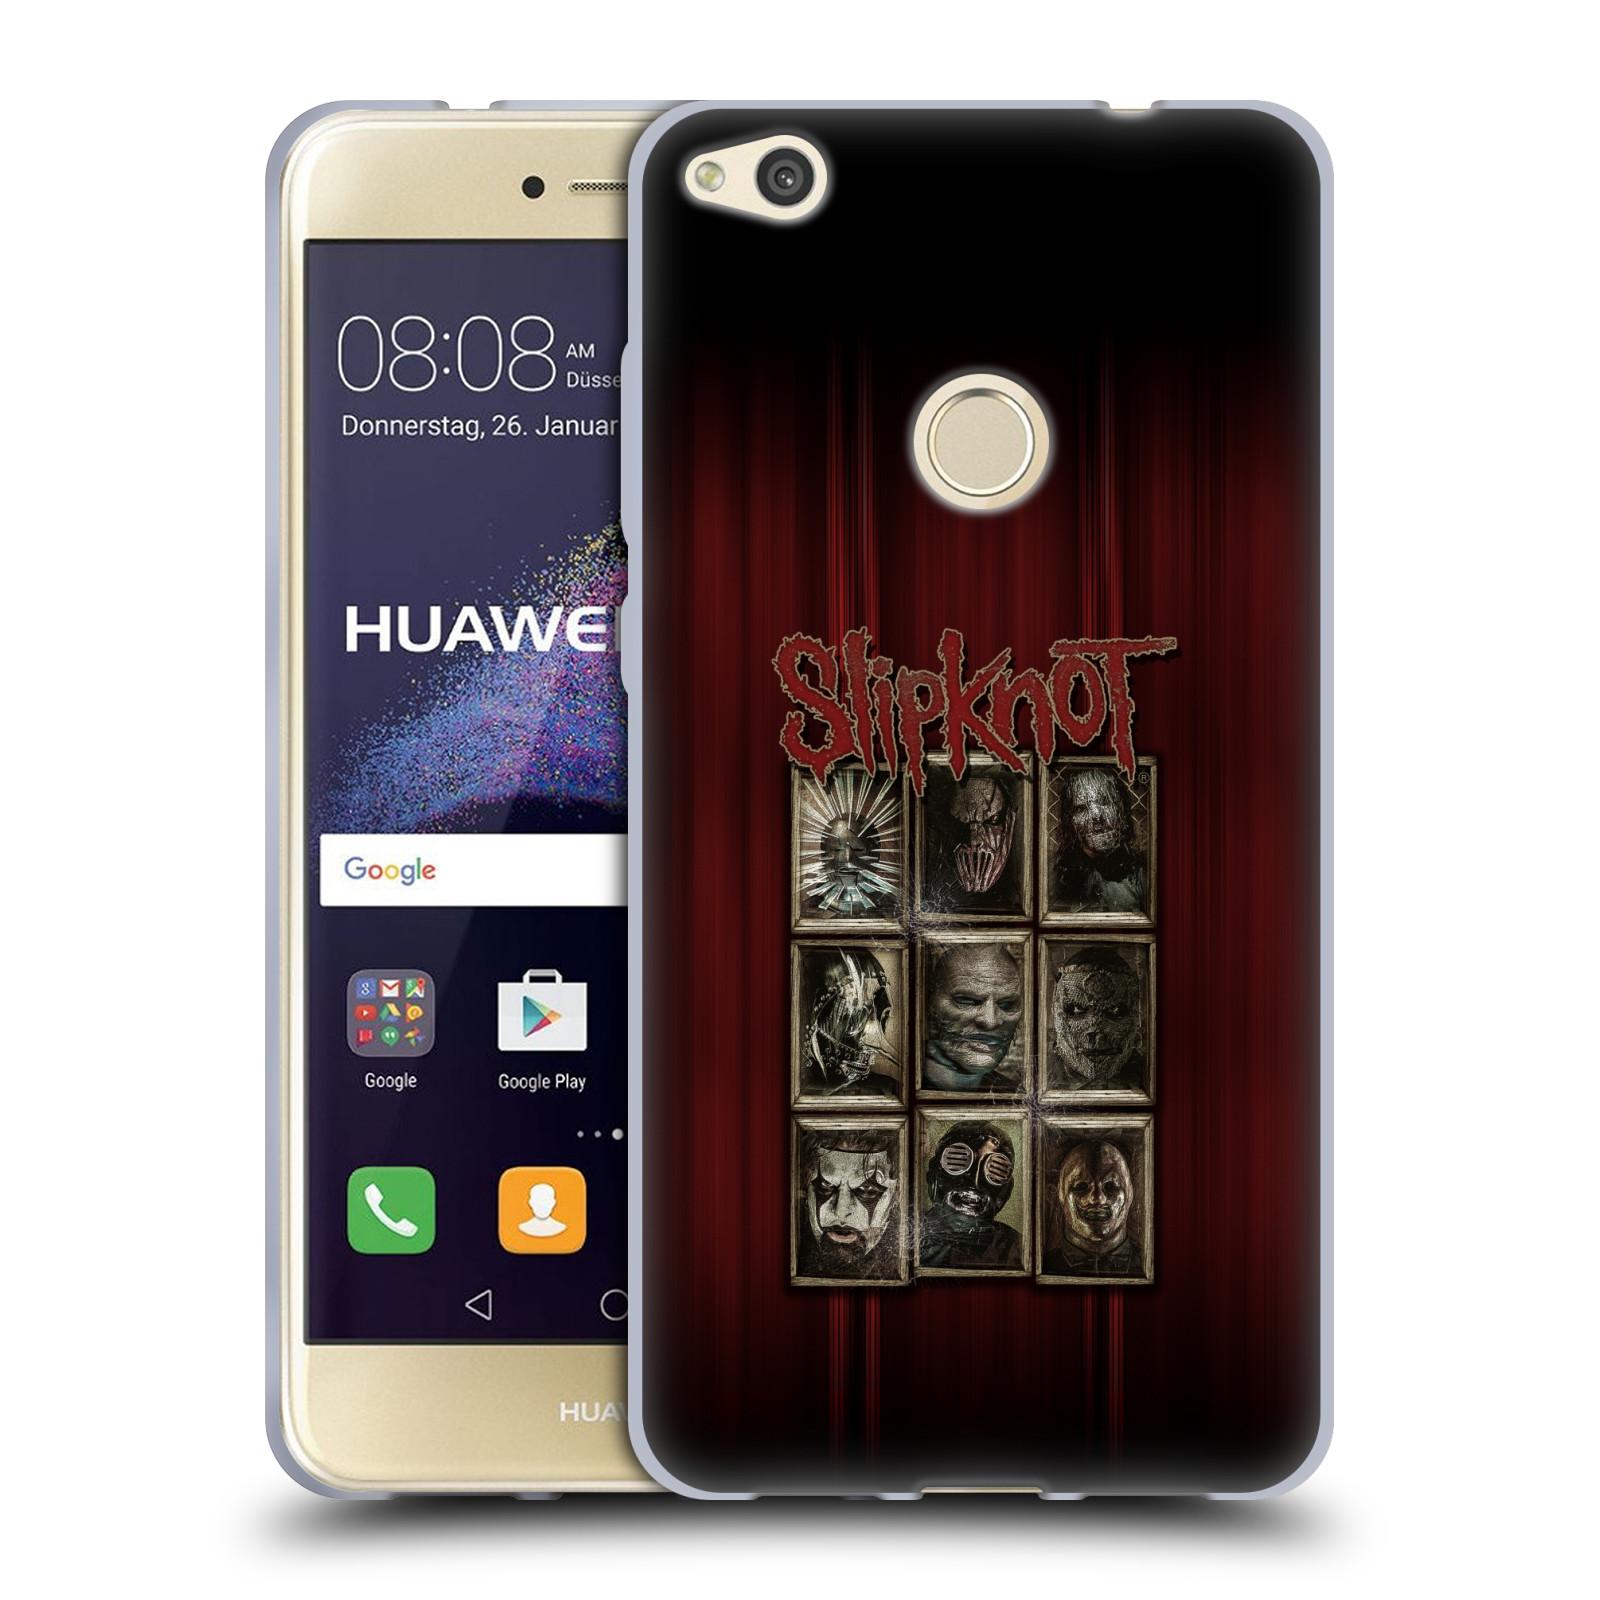 Silikonové pouzdro na mobil Honor 8 Lite - Head Case - Slipknot - Masky (Silikonový kryt či obal na mobilní telefon Honor 8 Lite s motivem Slipknot - Masky)